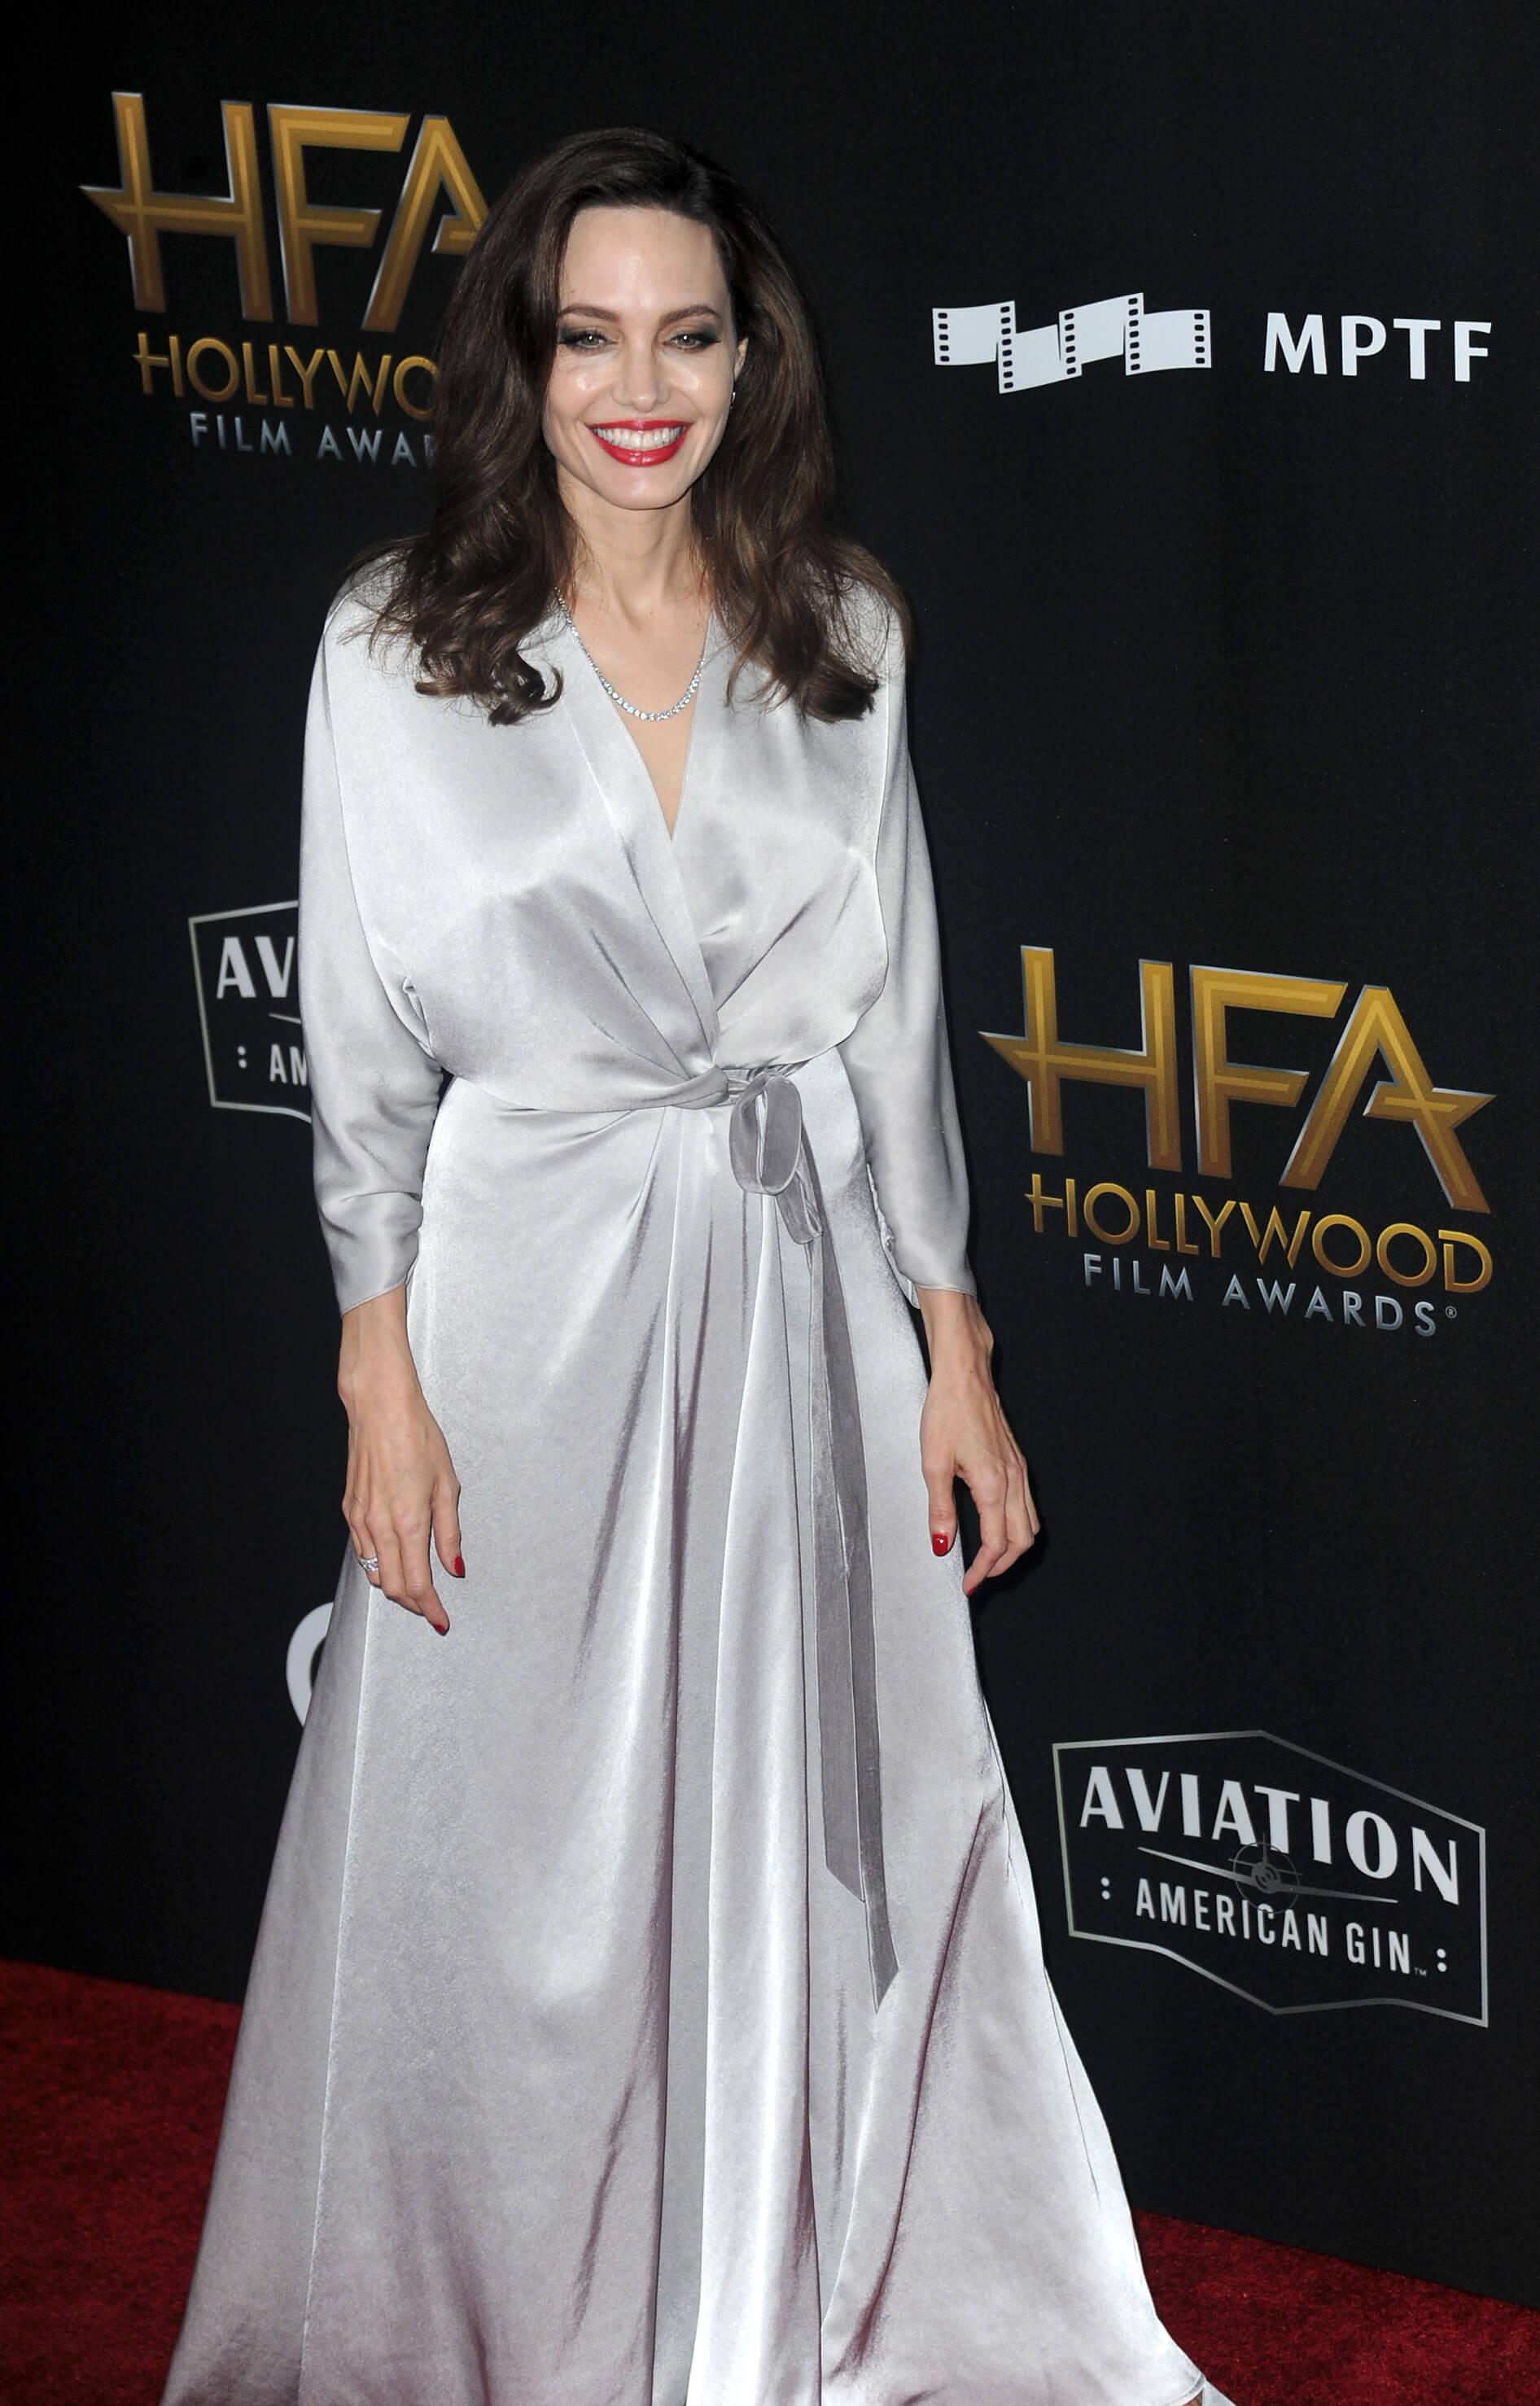 Лучшие образы знаменитостей на церемонии Hollywood Film Awards 17-320x180